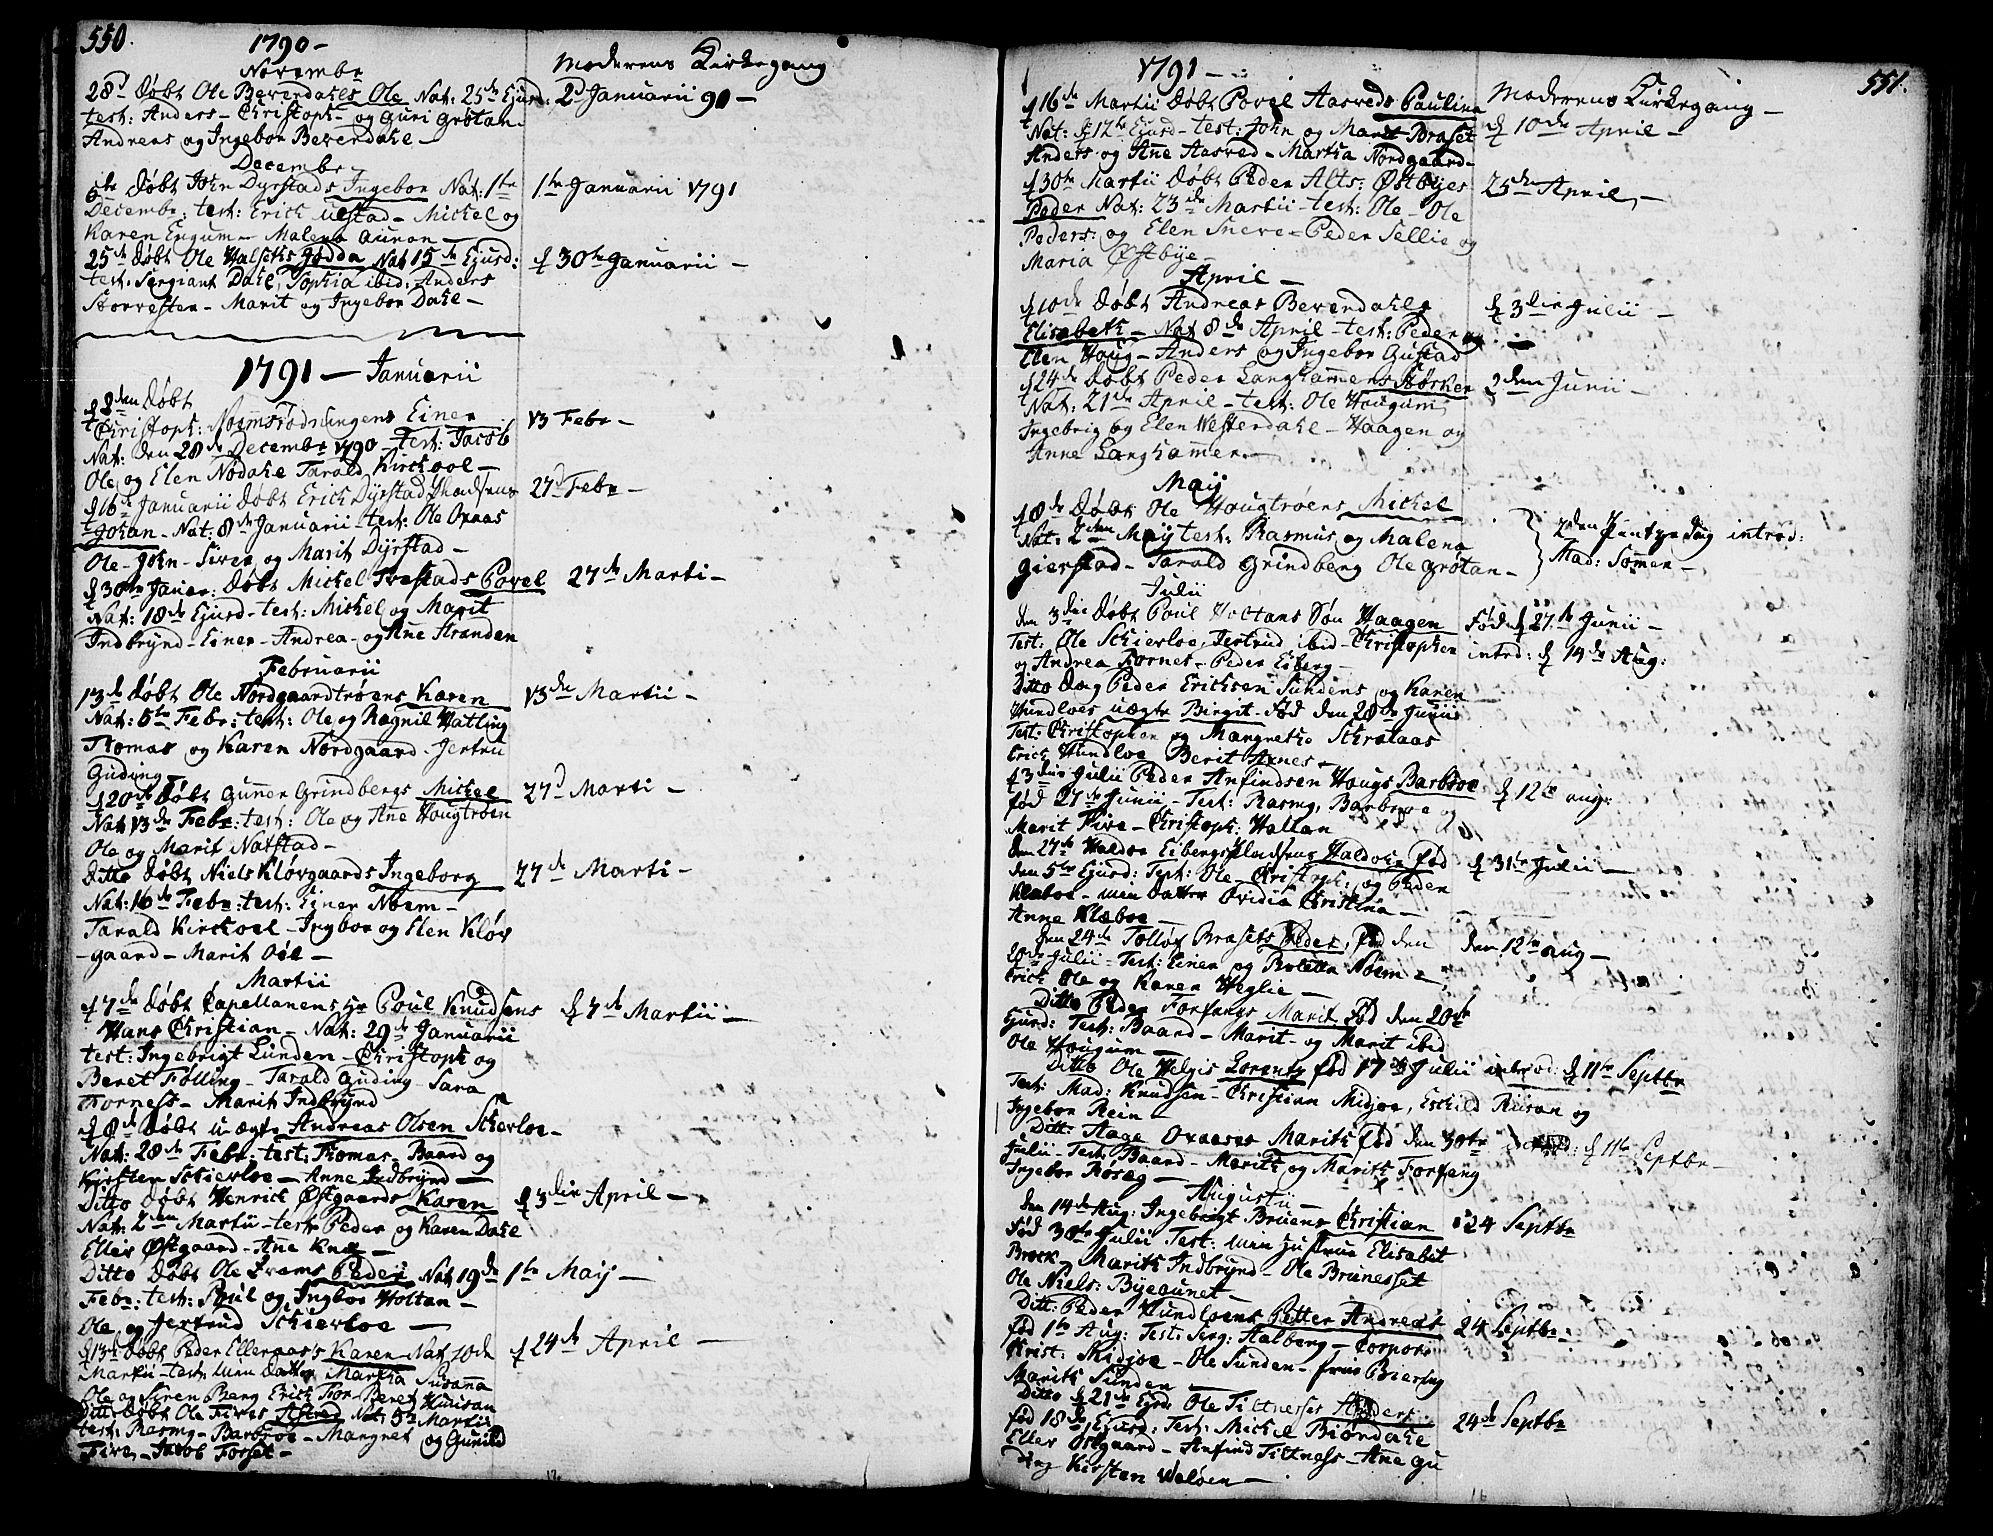 SAT, Ministerialprotokoller, klokkerbøker og fødselsregistre - Nord-Trøndelag, 746/L0440: Ministerialbok nr. 746A02, 1760-1815, s. 550-551